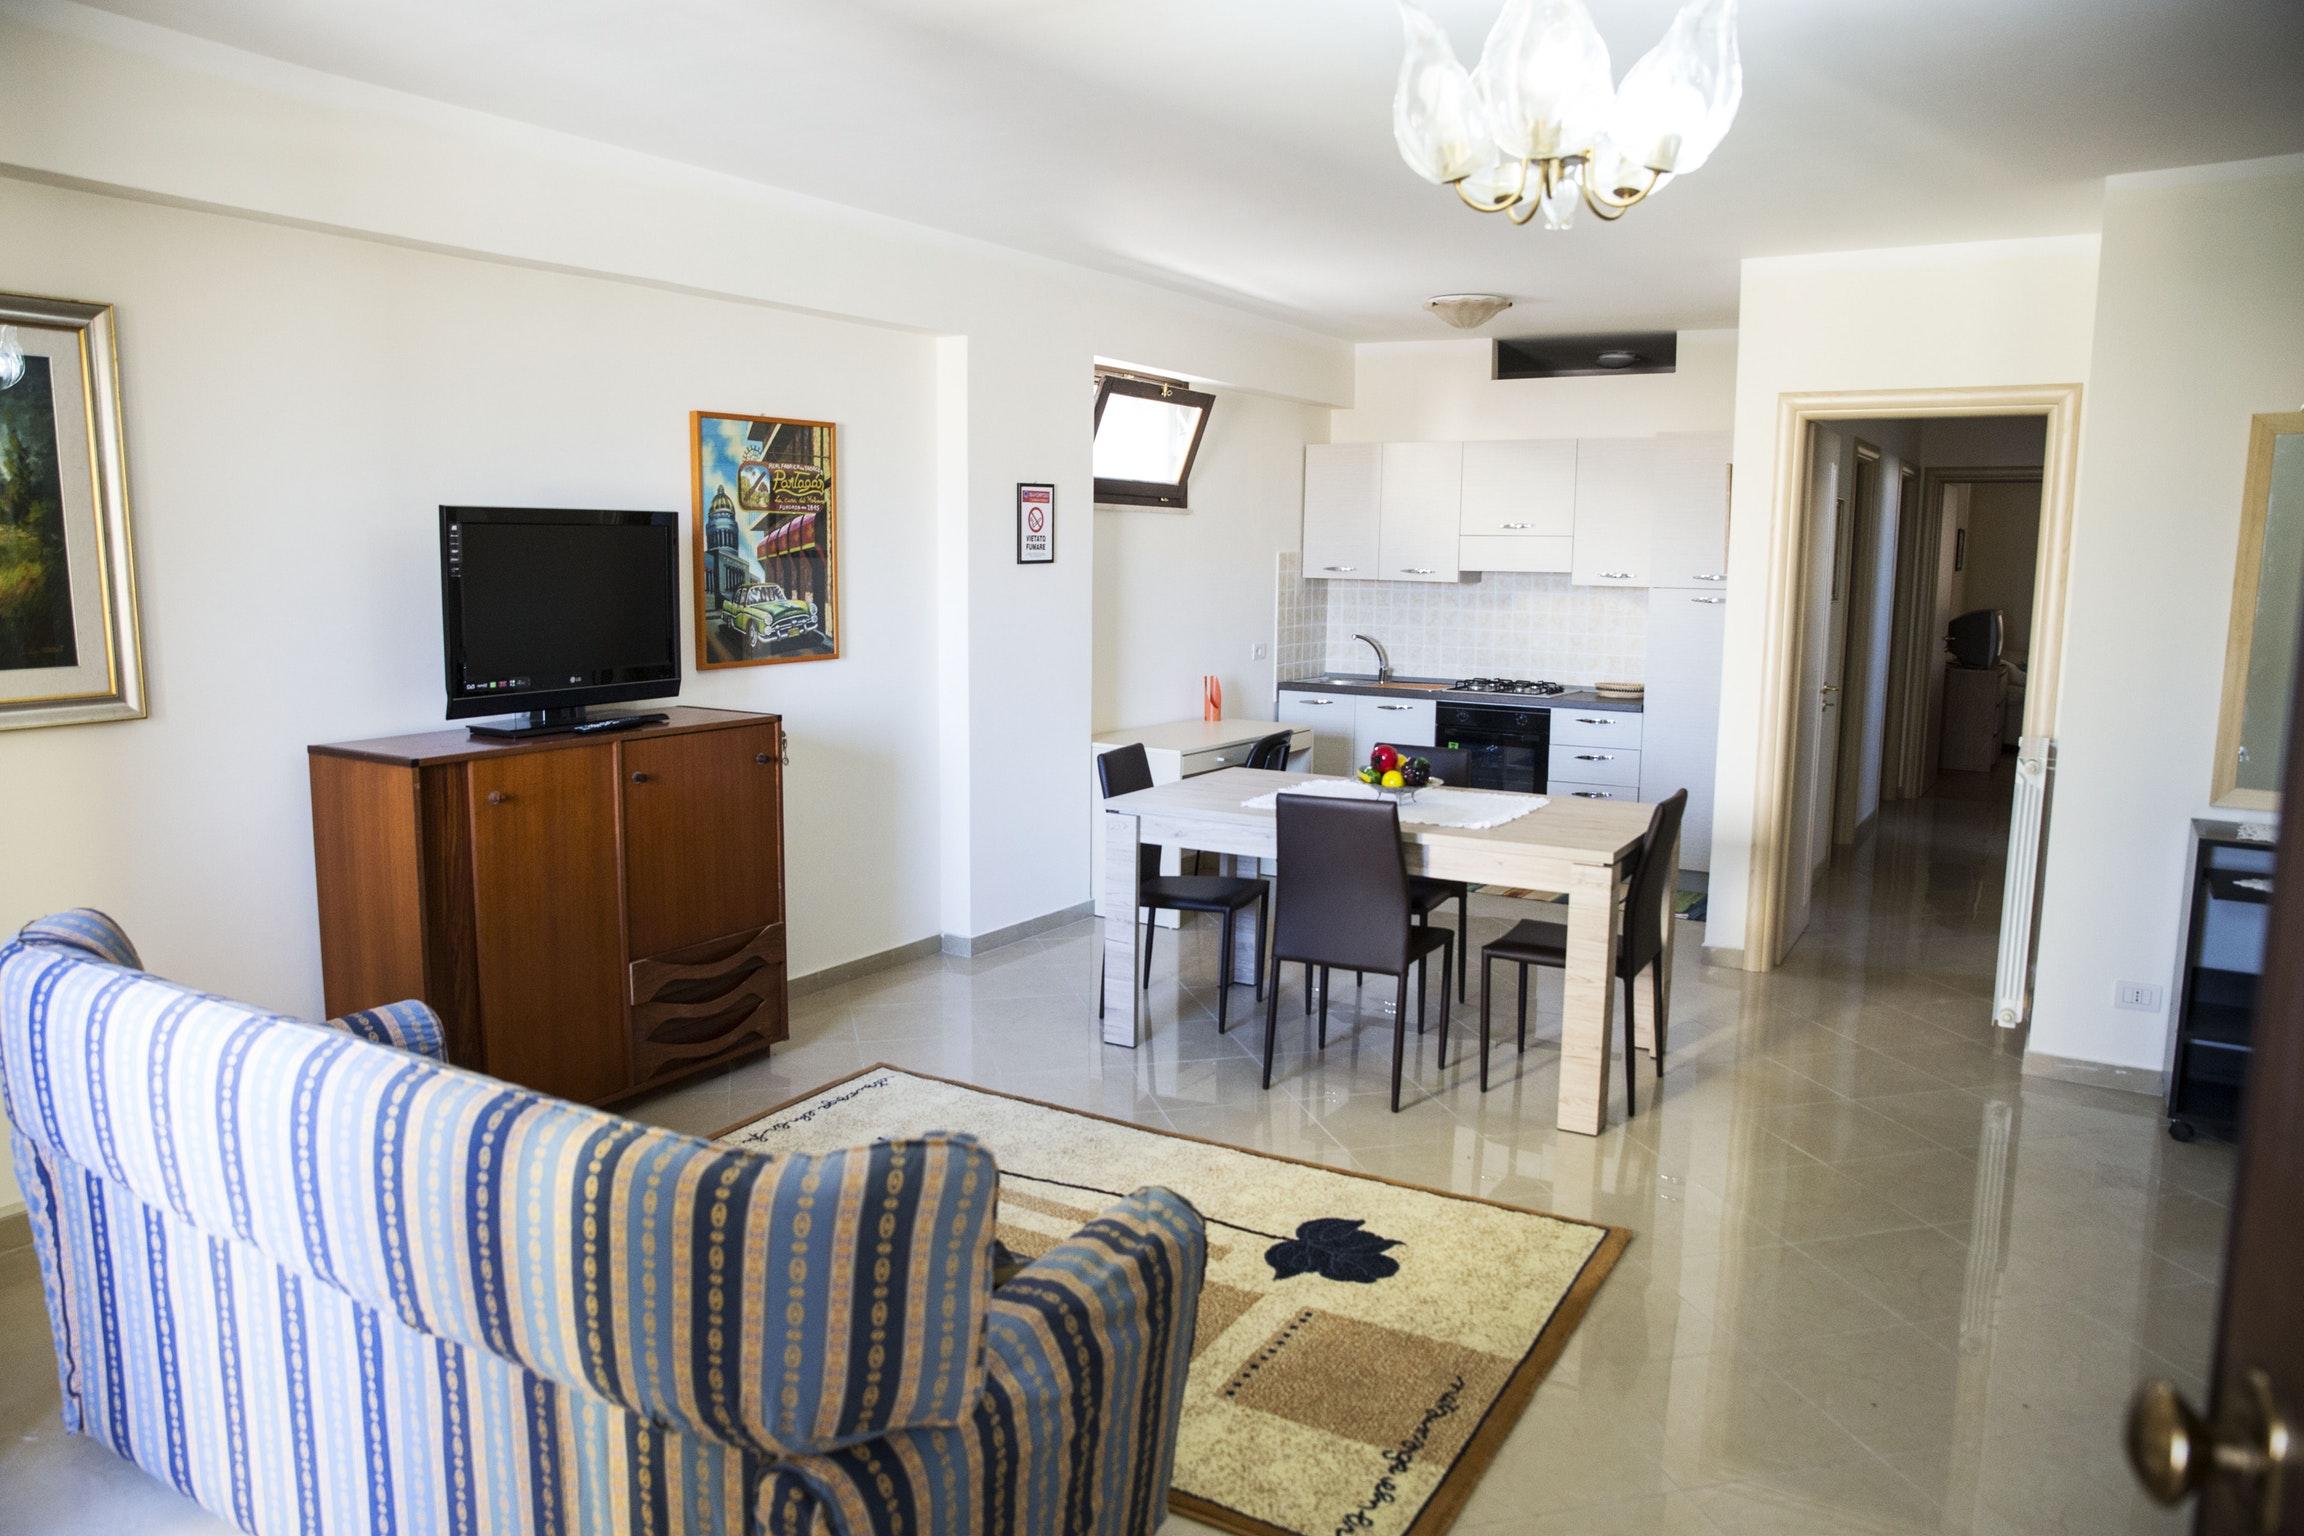 Ferienwohnung Reggio Calabria - FerienhausUrlaub.com